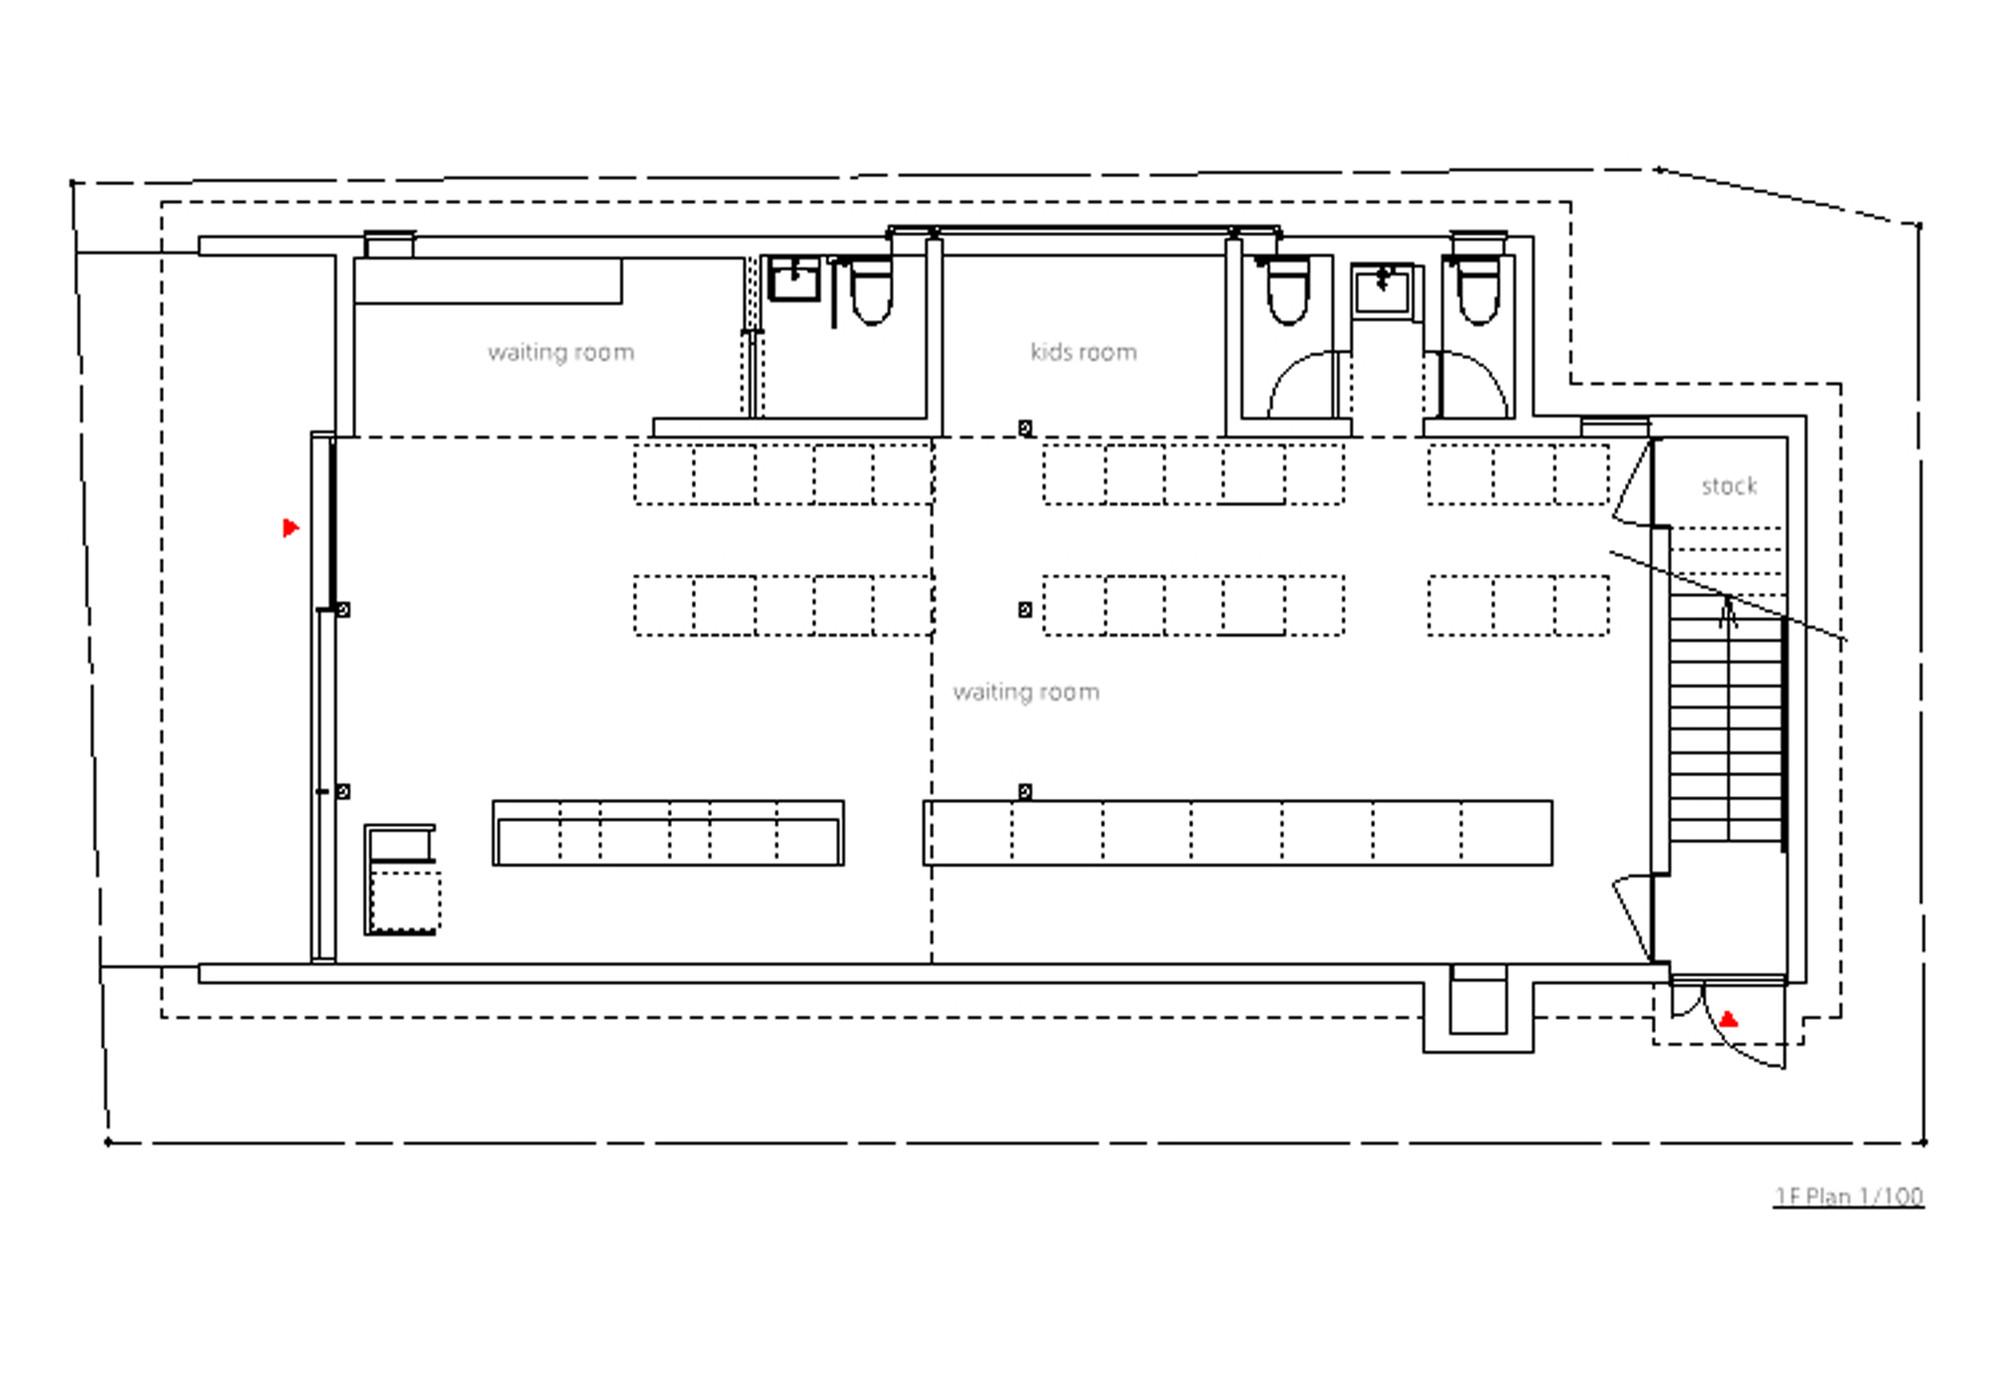 Gallery of o dispensing pharmacy ninkipen 13 for Pharmacy floor plan